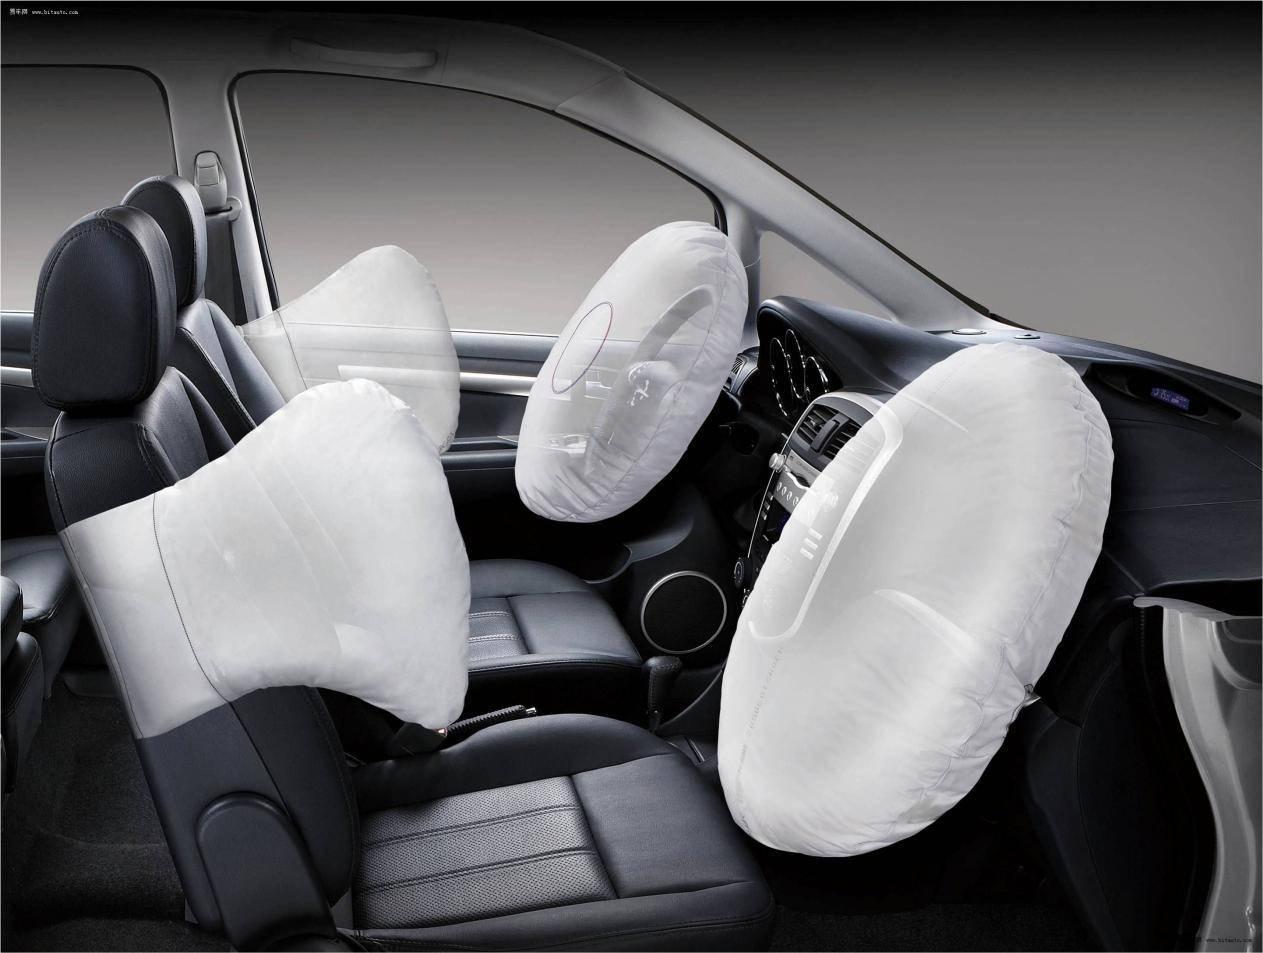 美交通管理局将缺陷安全气囊调查范围扩大到1230万辆汽车